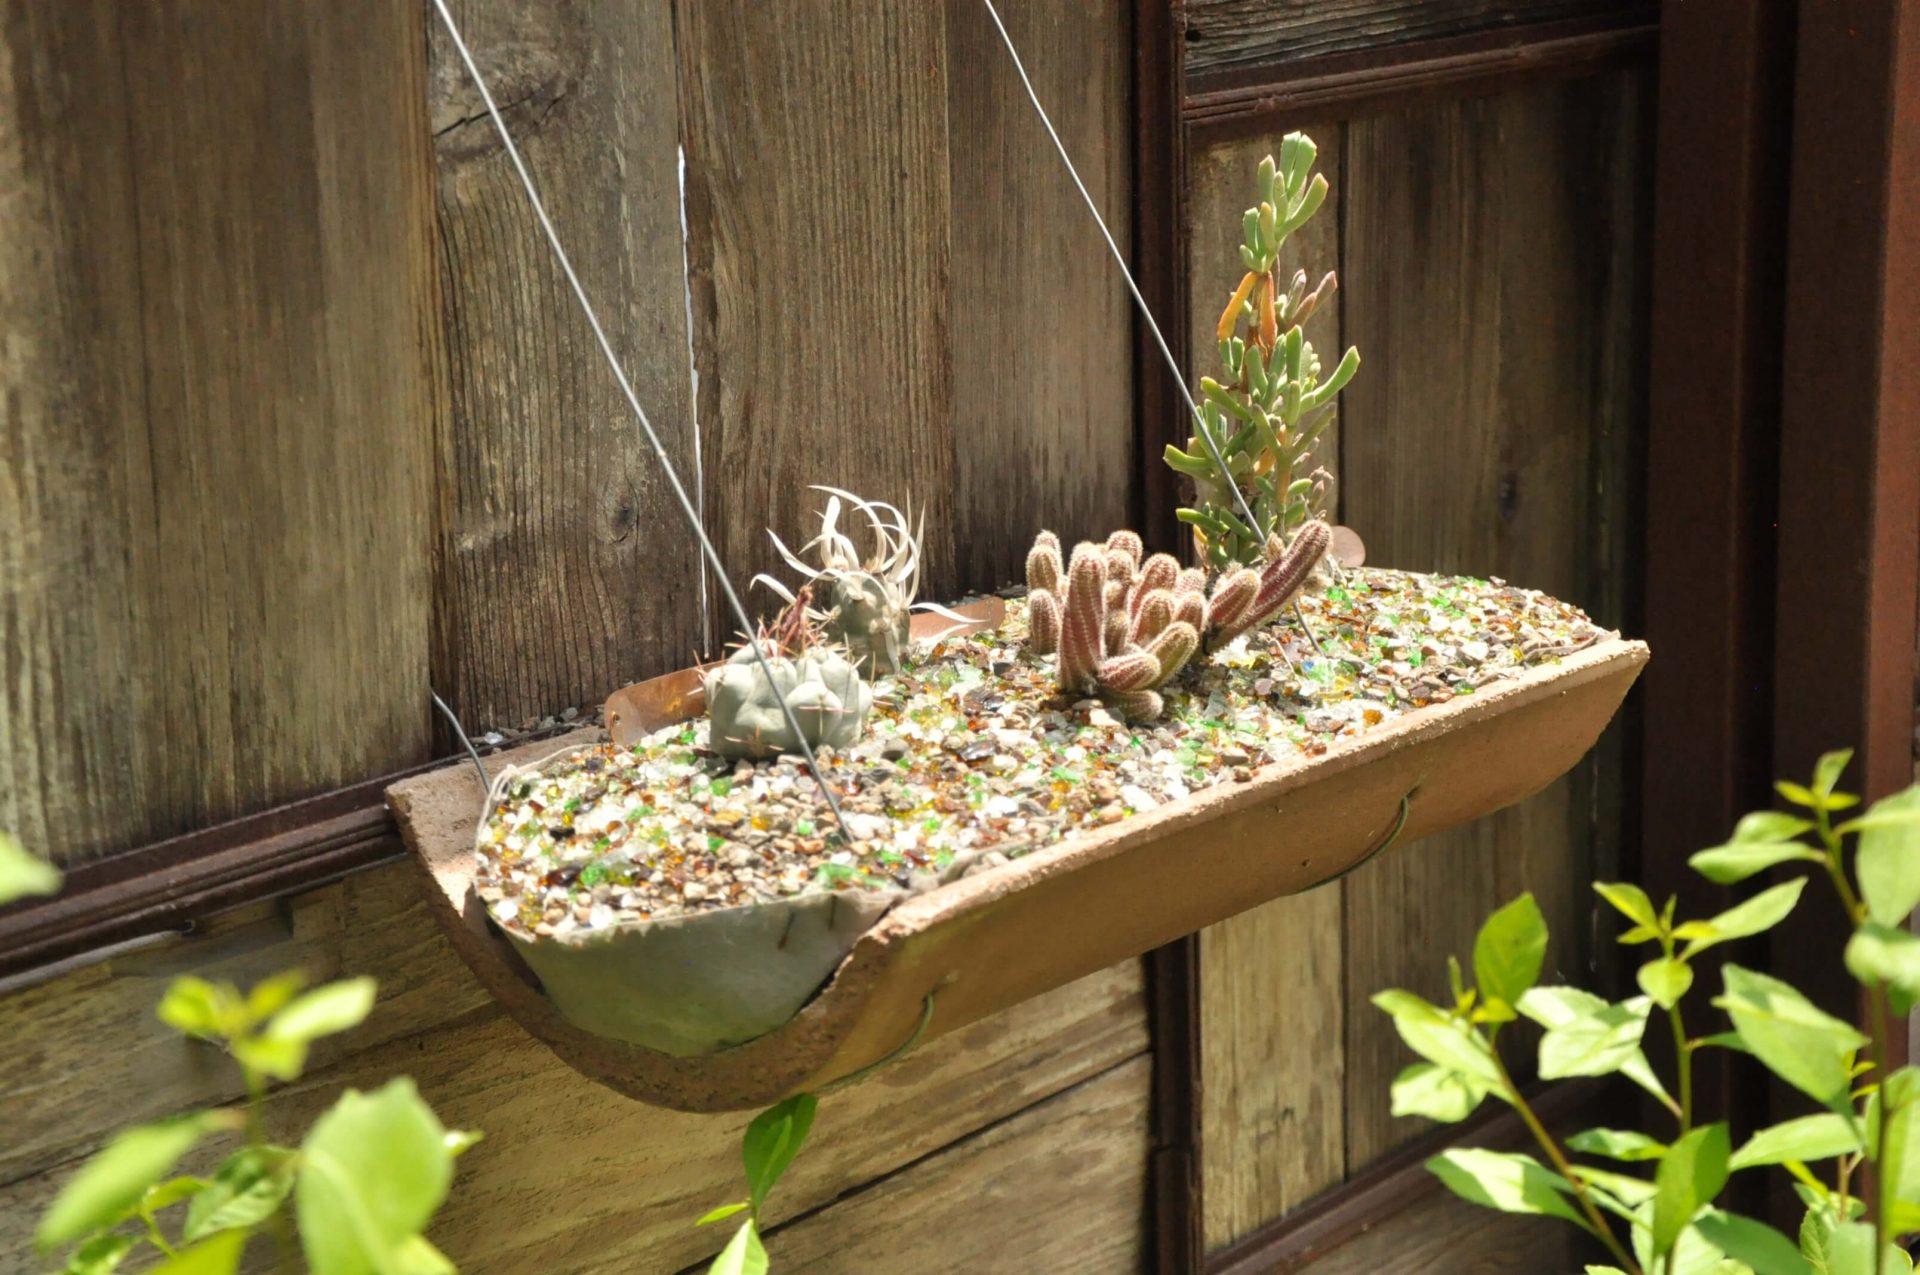 Kvetinac-z-prebytocneho-narozia-vyuzitie-a-recyklacia-stavbneho-odpadu-inspiracie-diy-do-domu-a-zahrady